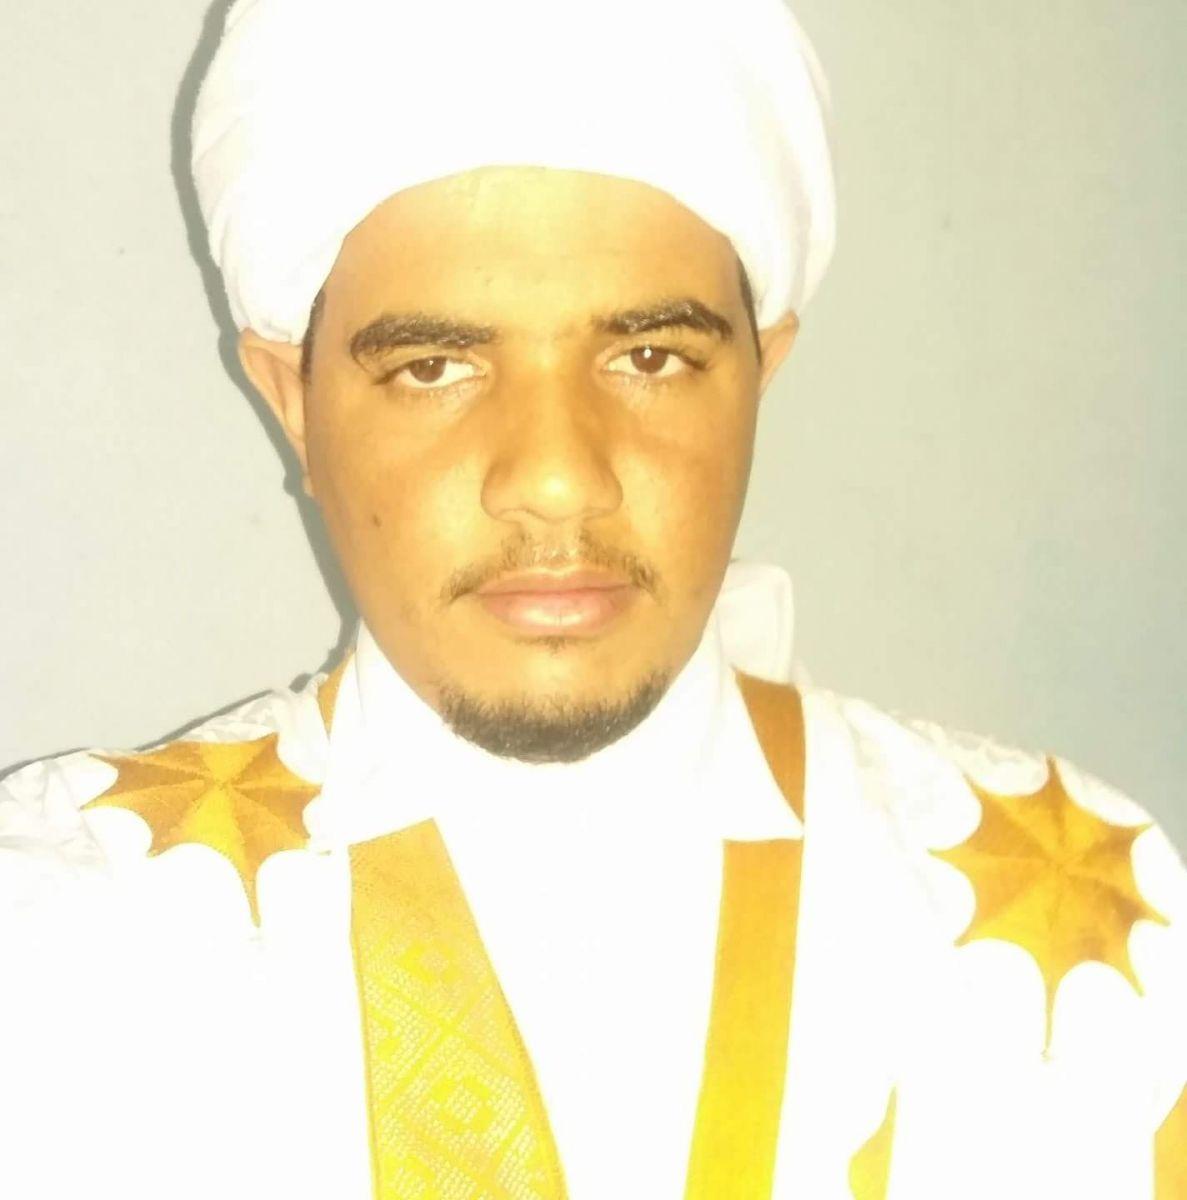 المرحوم باب ولد احمدو ولد حبيب الرحمن